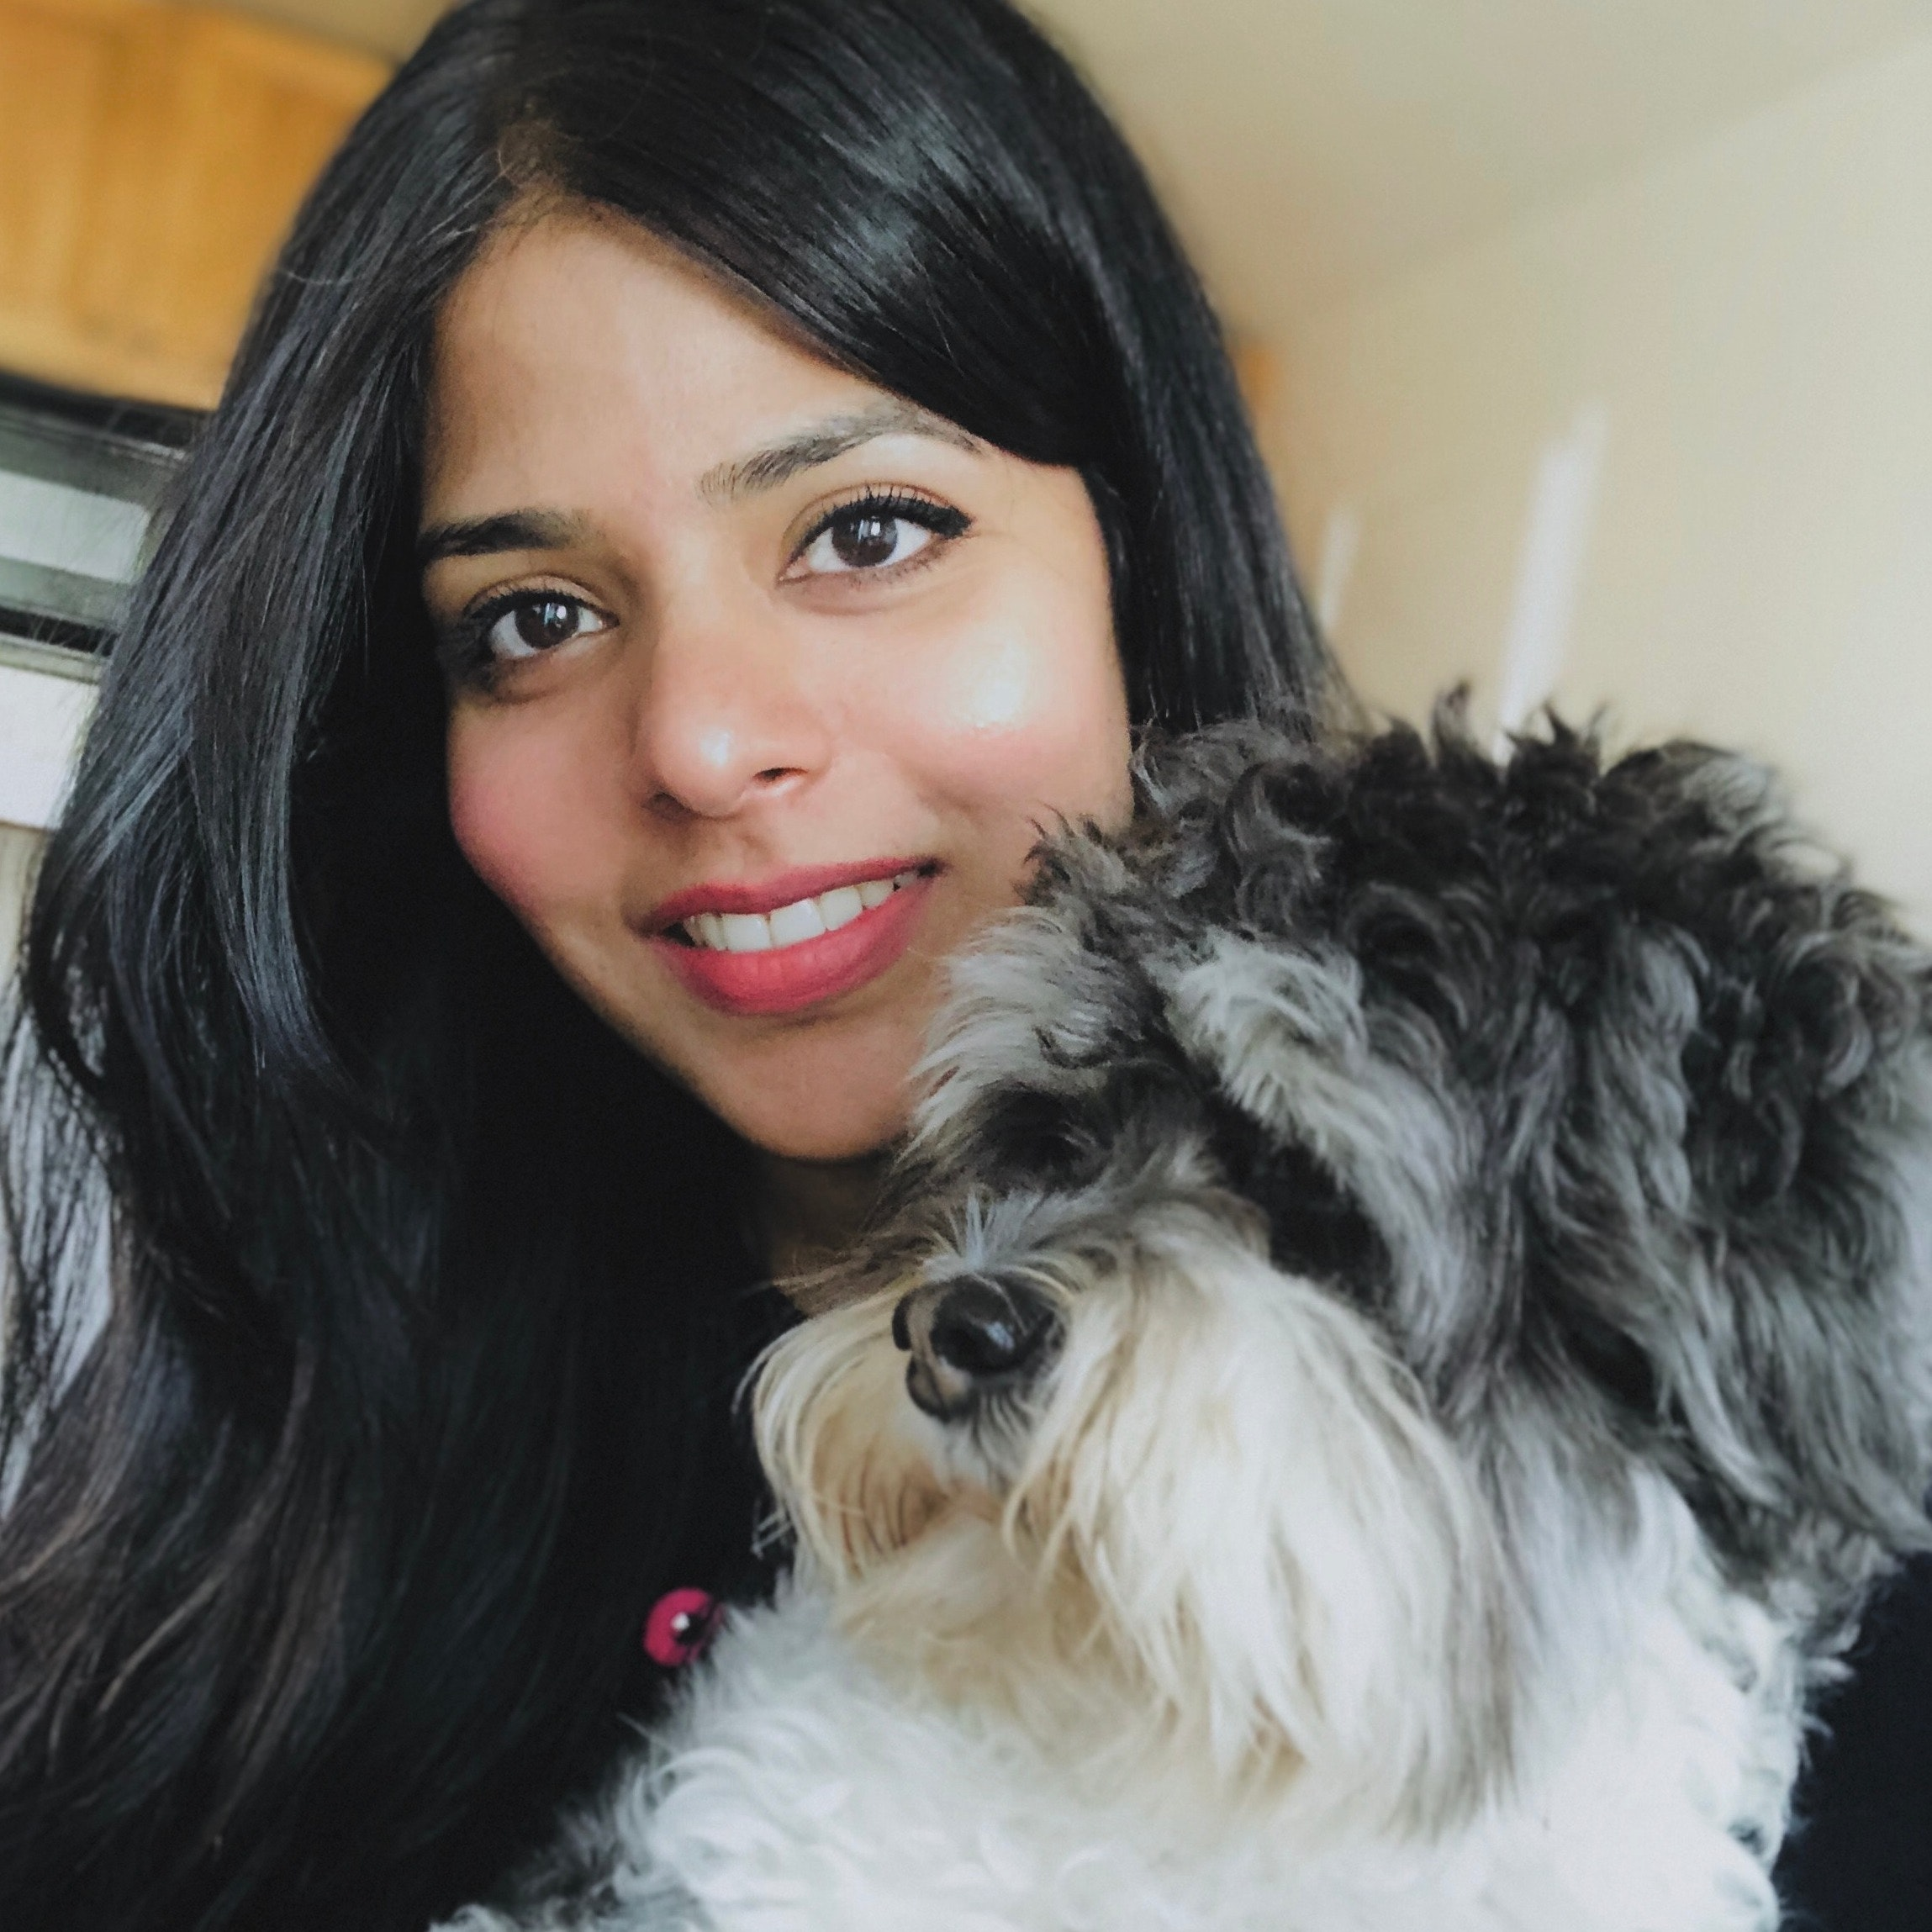 Sowmya's dog day care